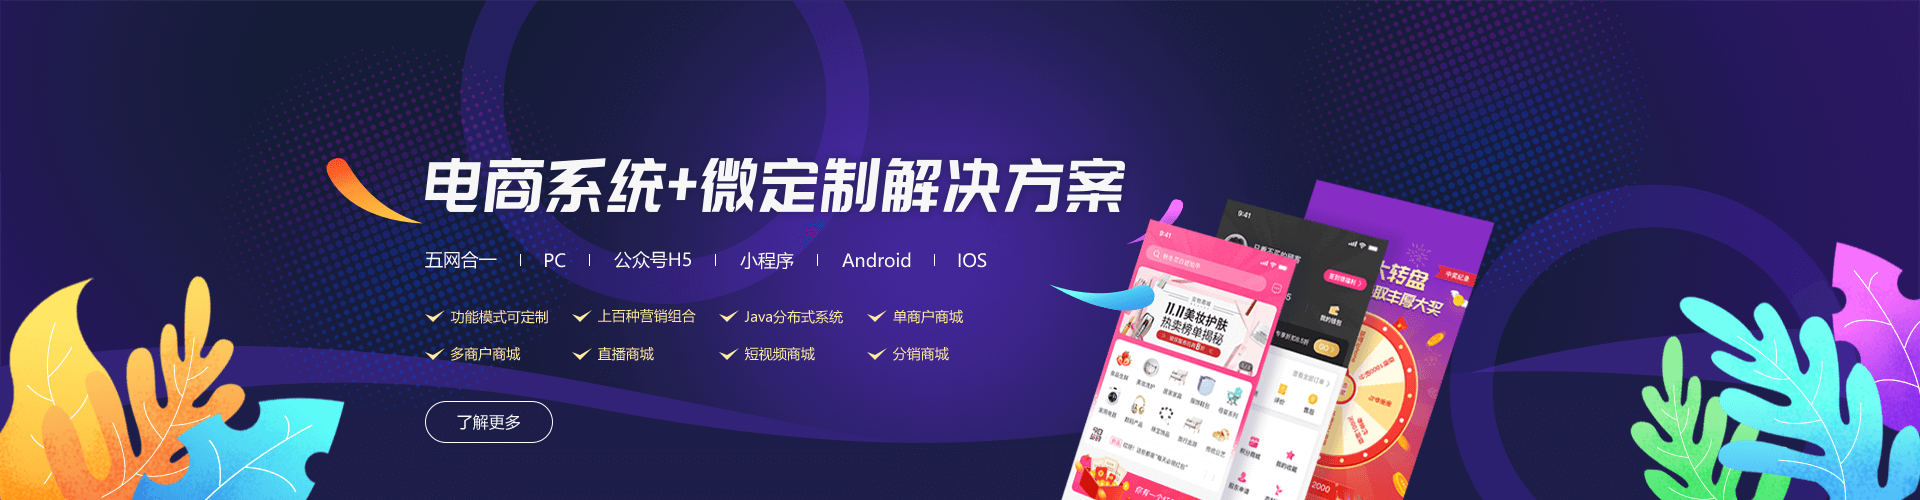 深圳Java开发